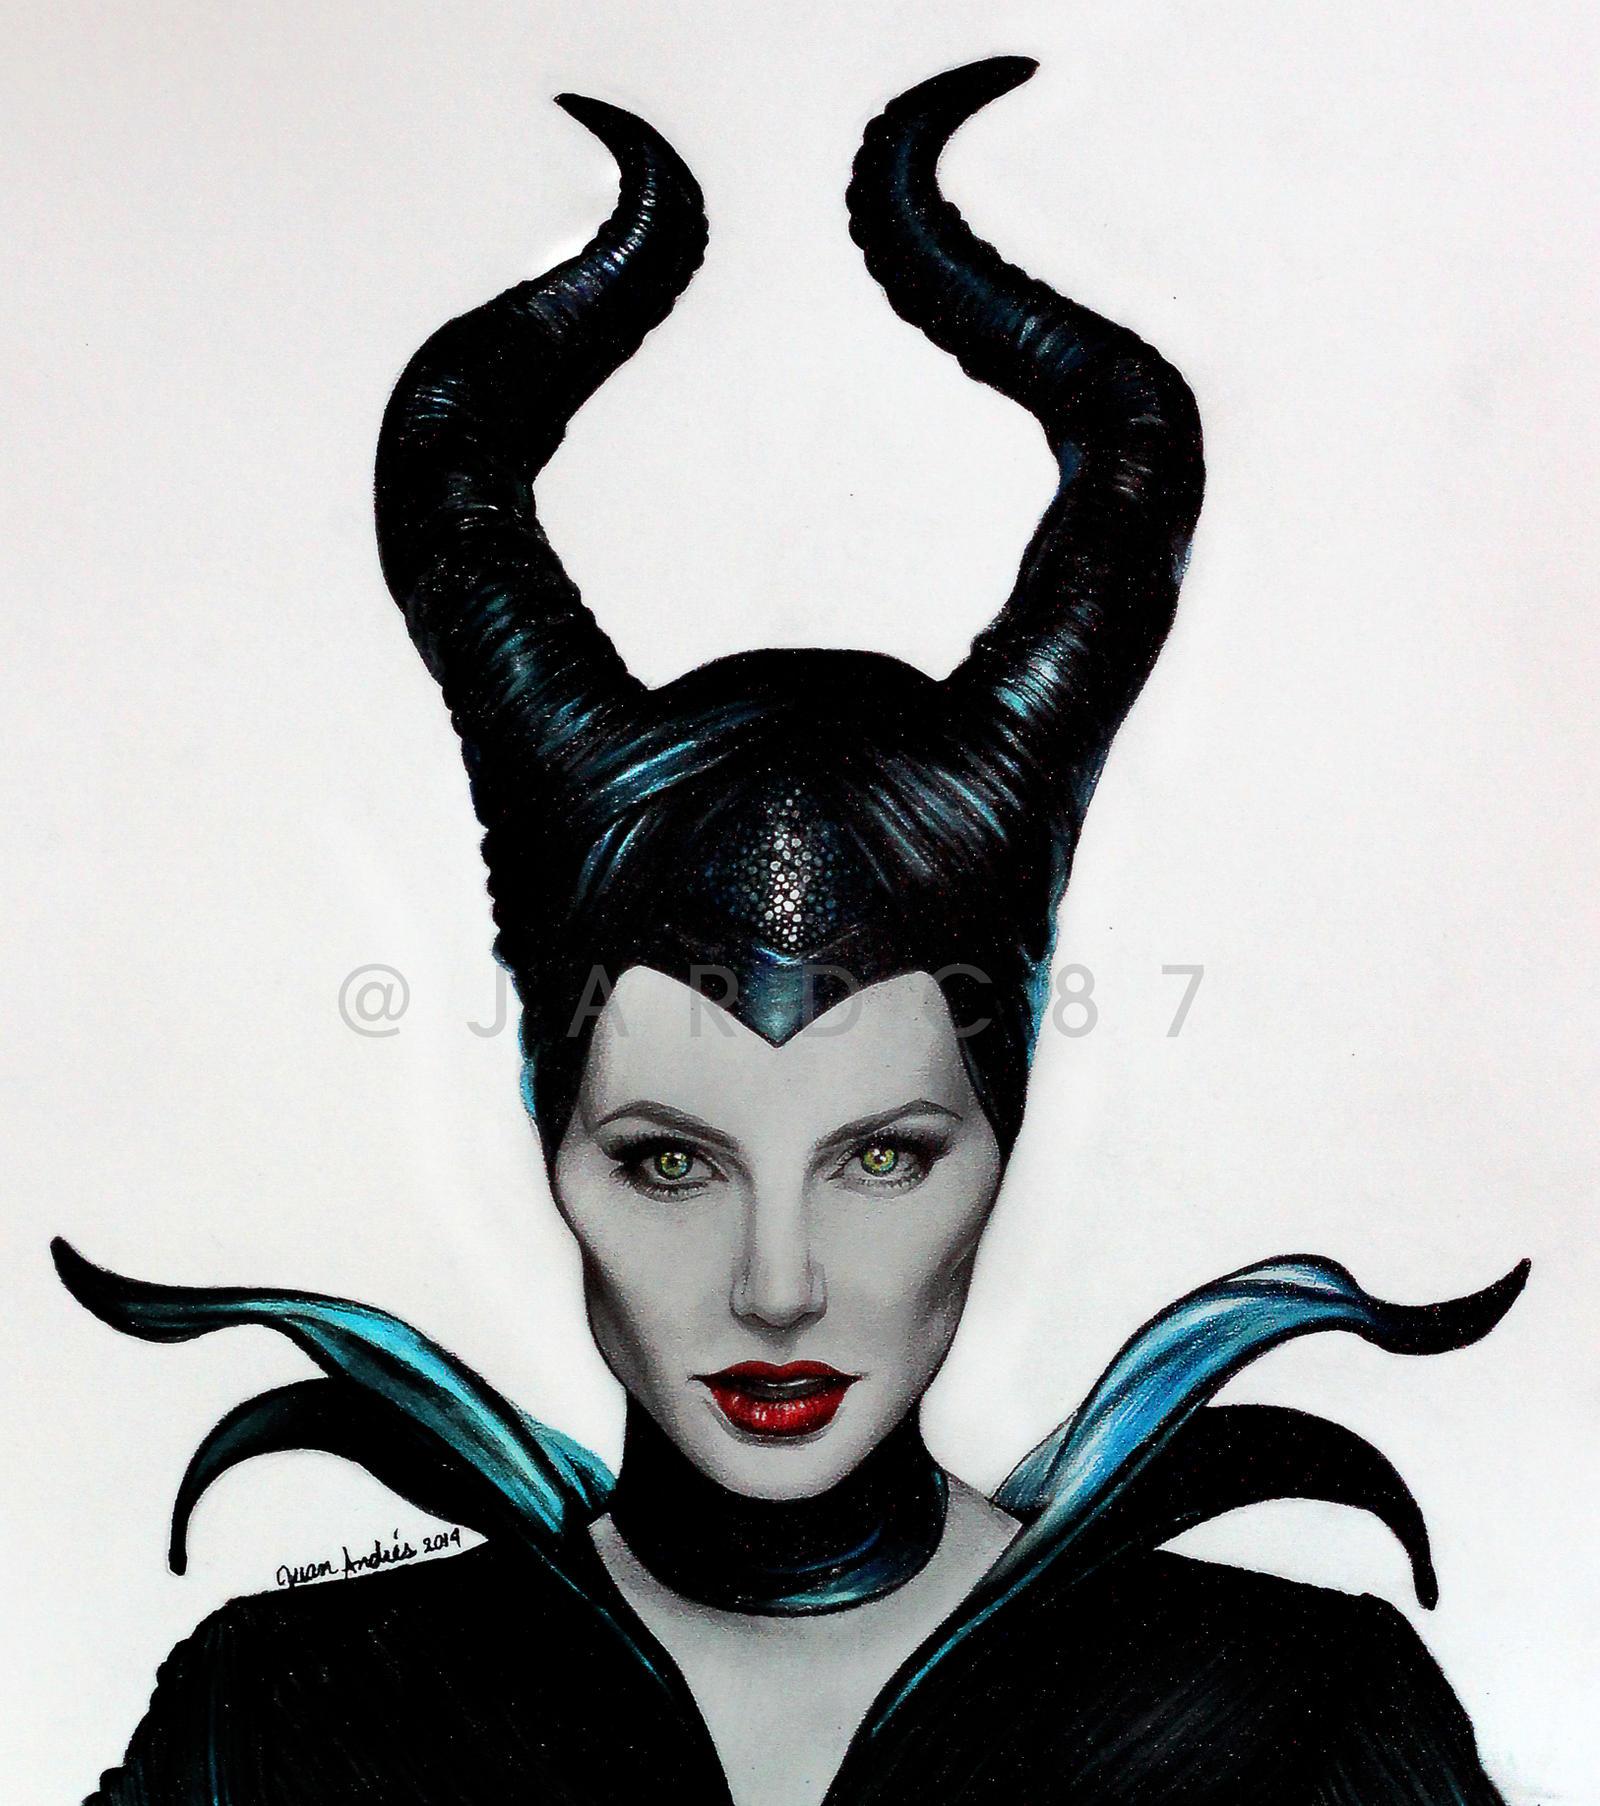 Maleficent by jardc87 on DeviantArt